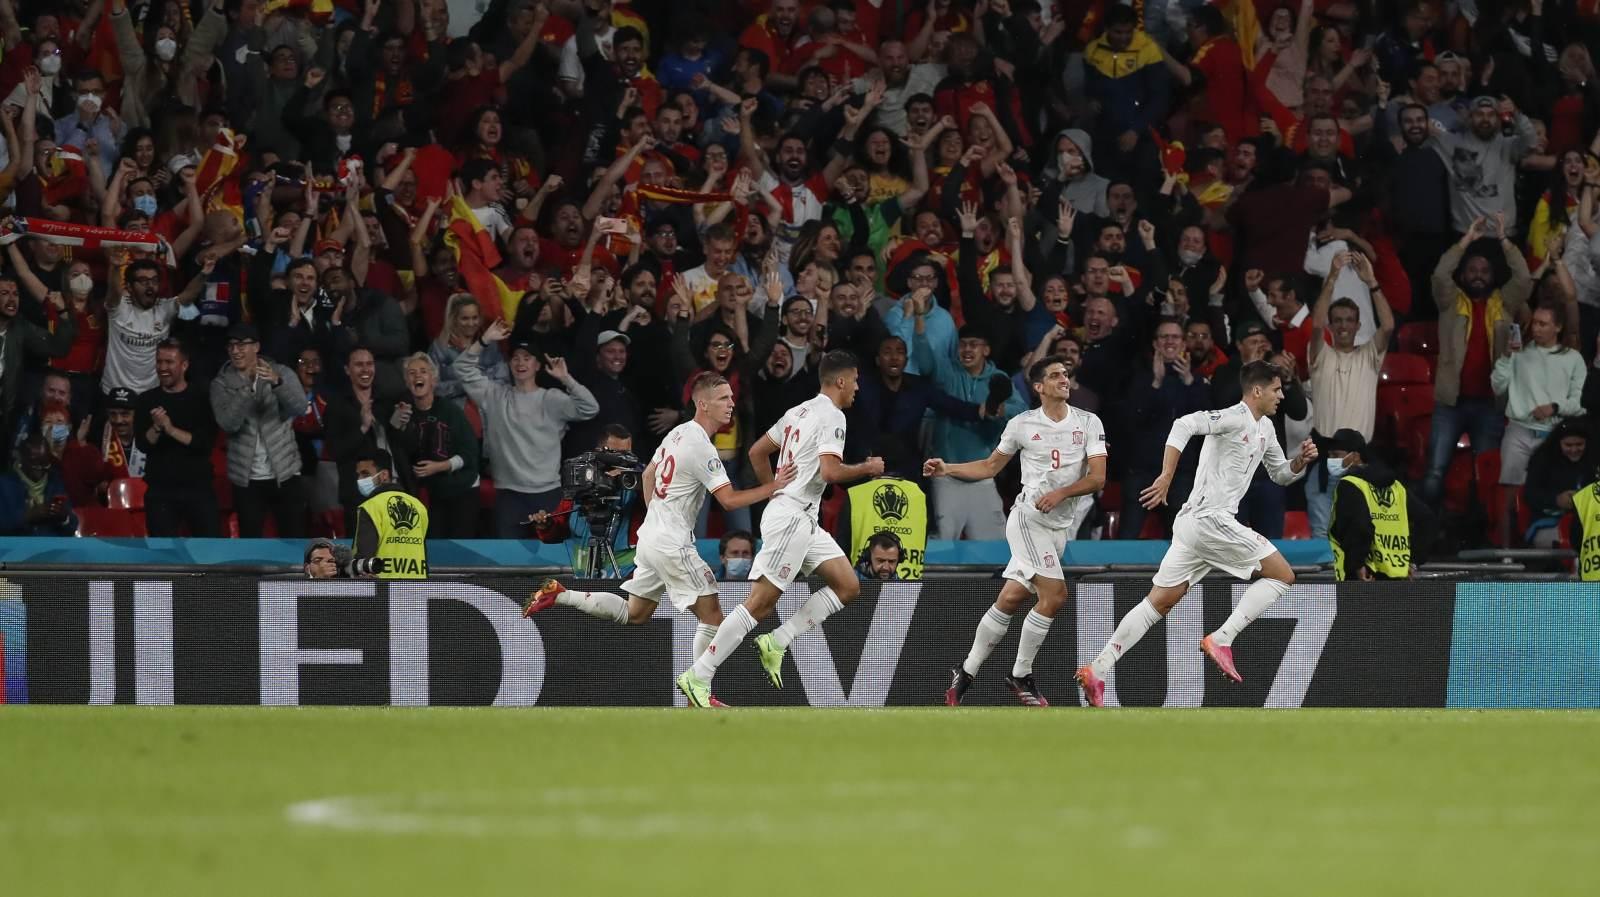 Испания не смогла распечатать ворота Египта на Олимпийских играх